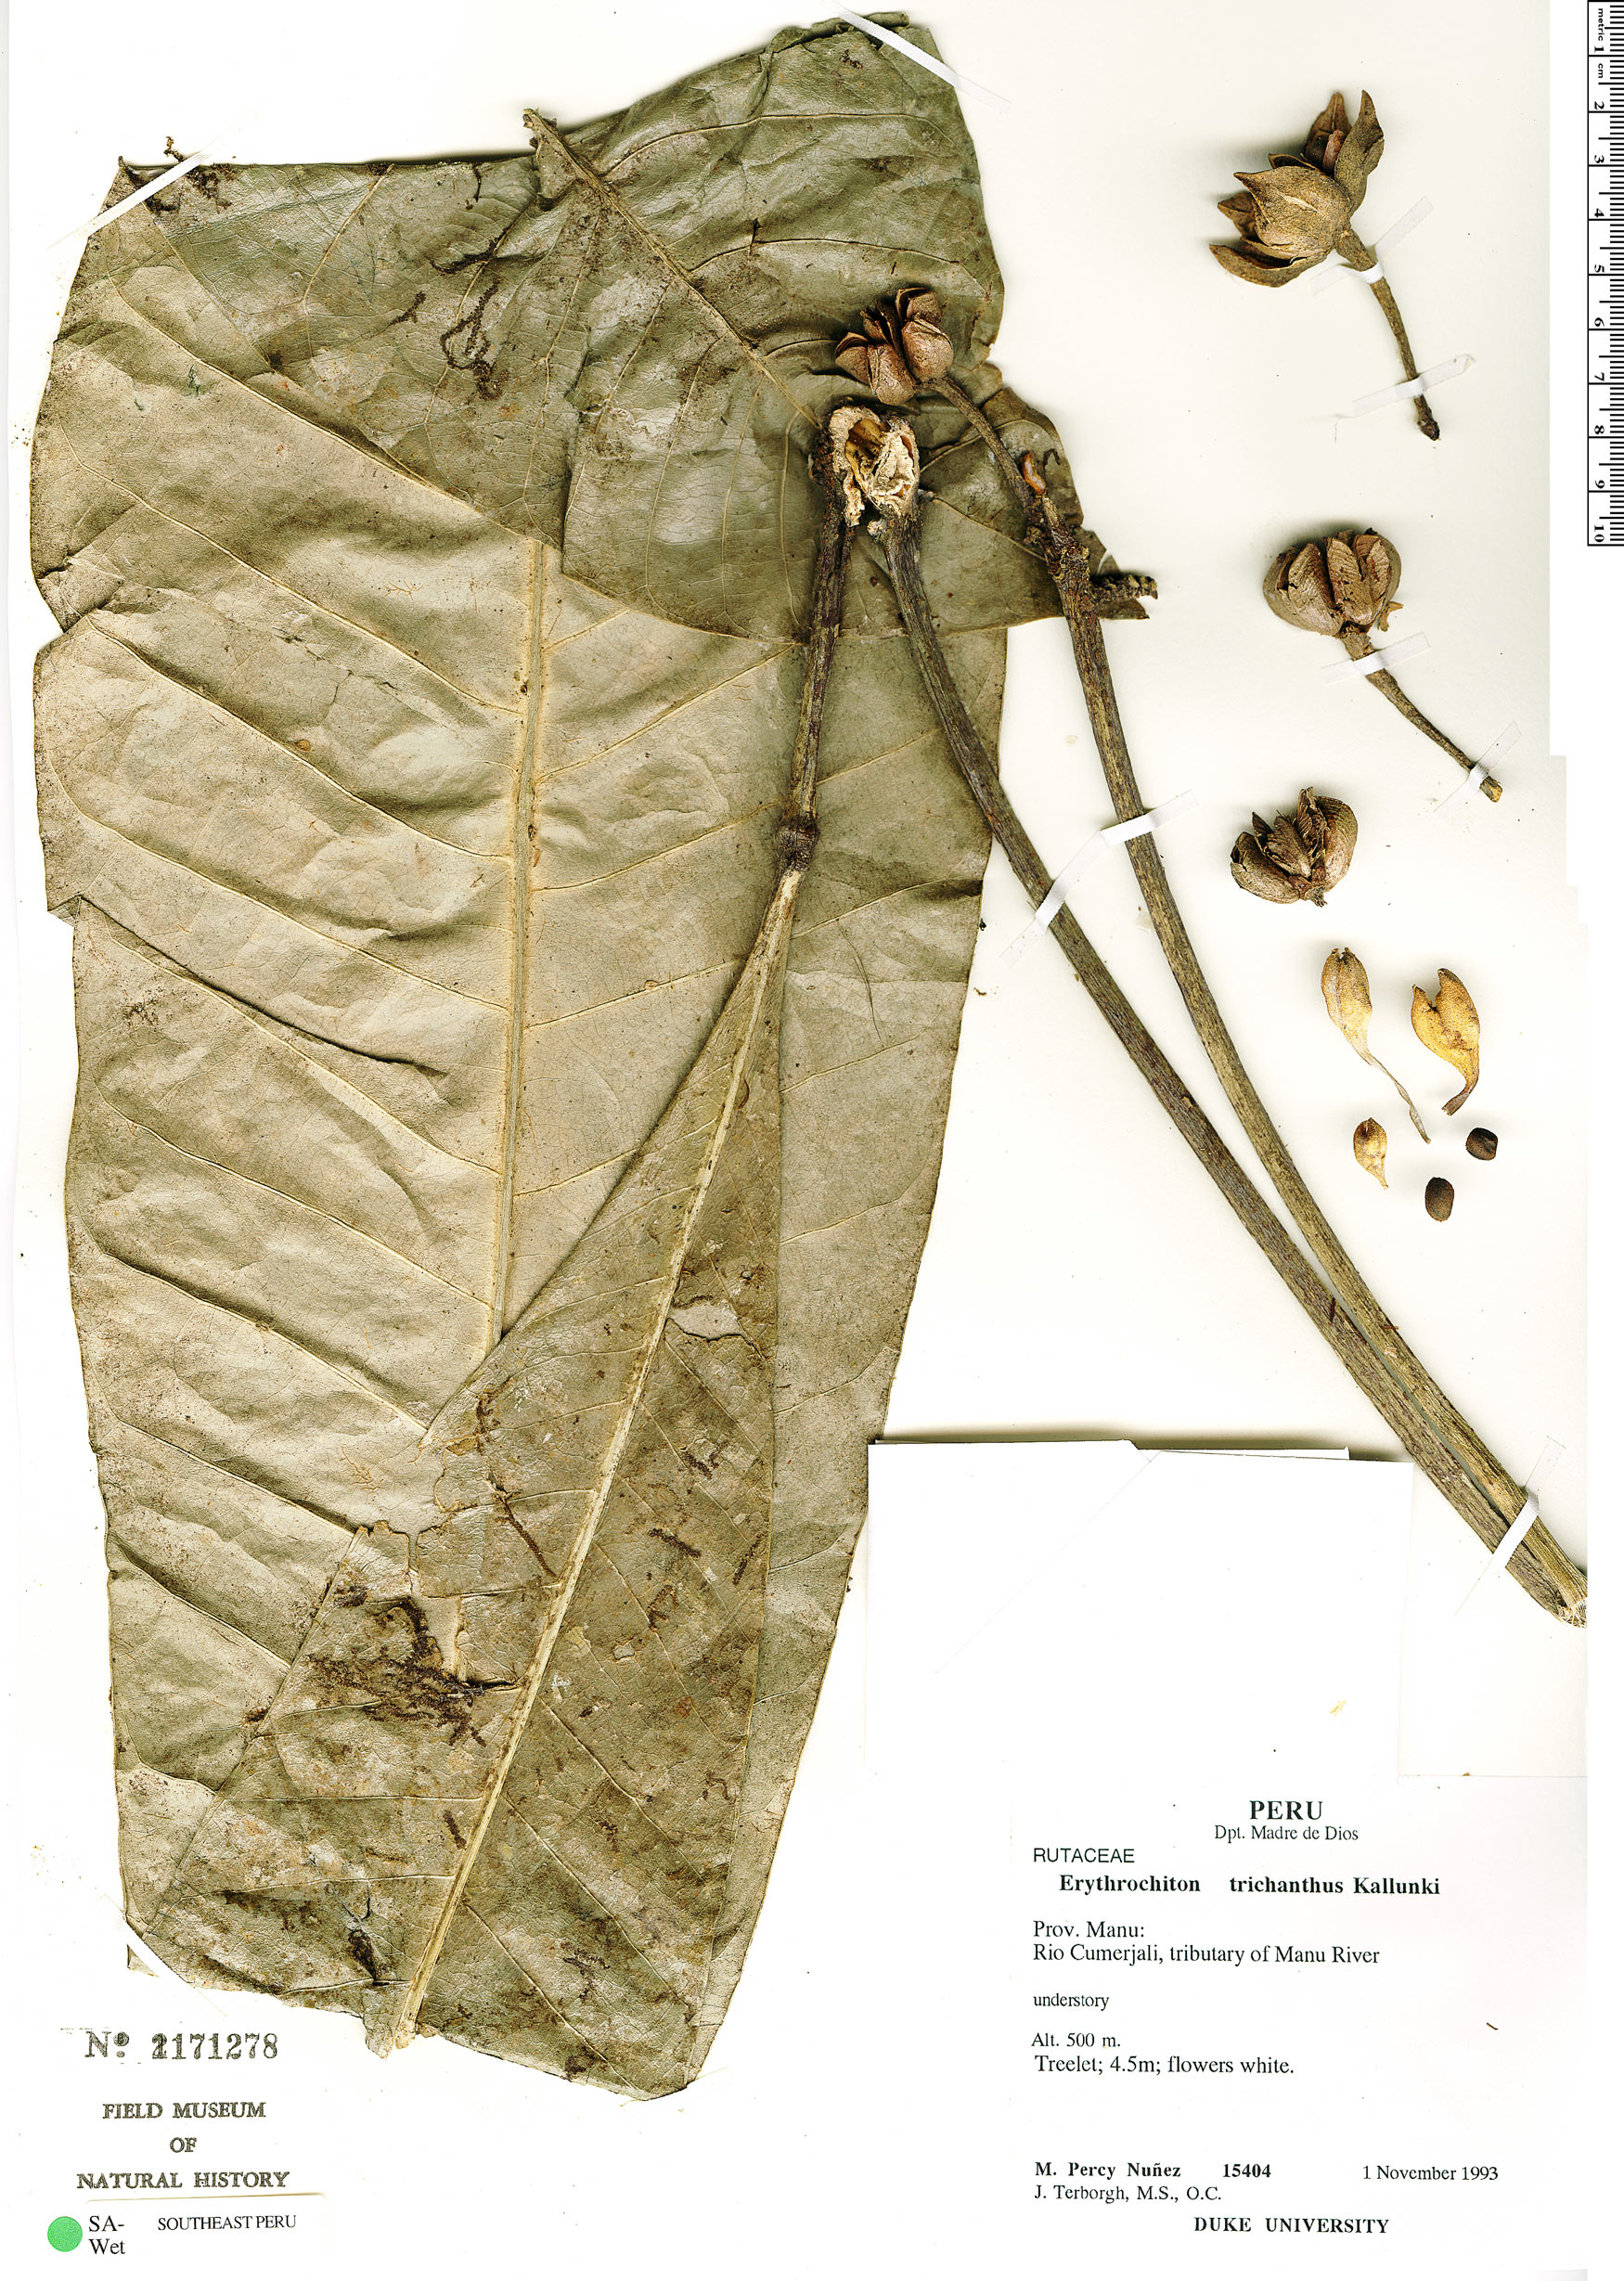 Specimen: Erythrochiton trichanthus